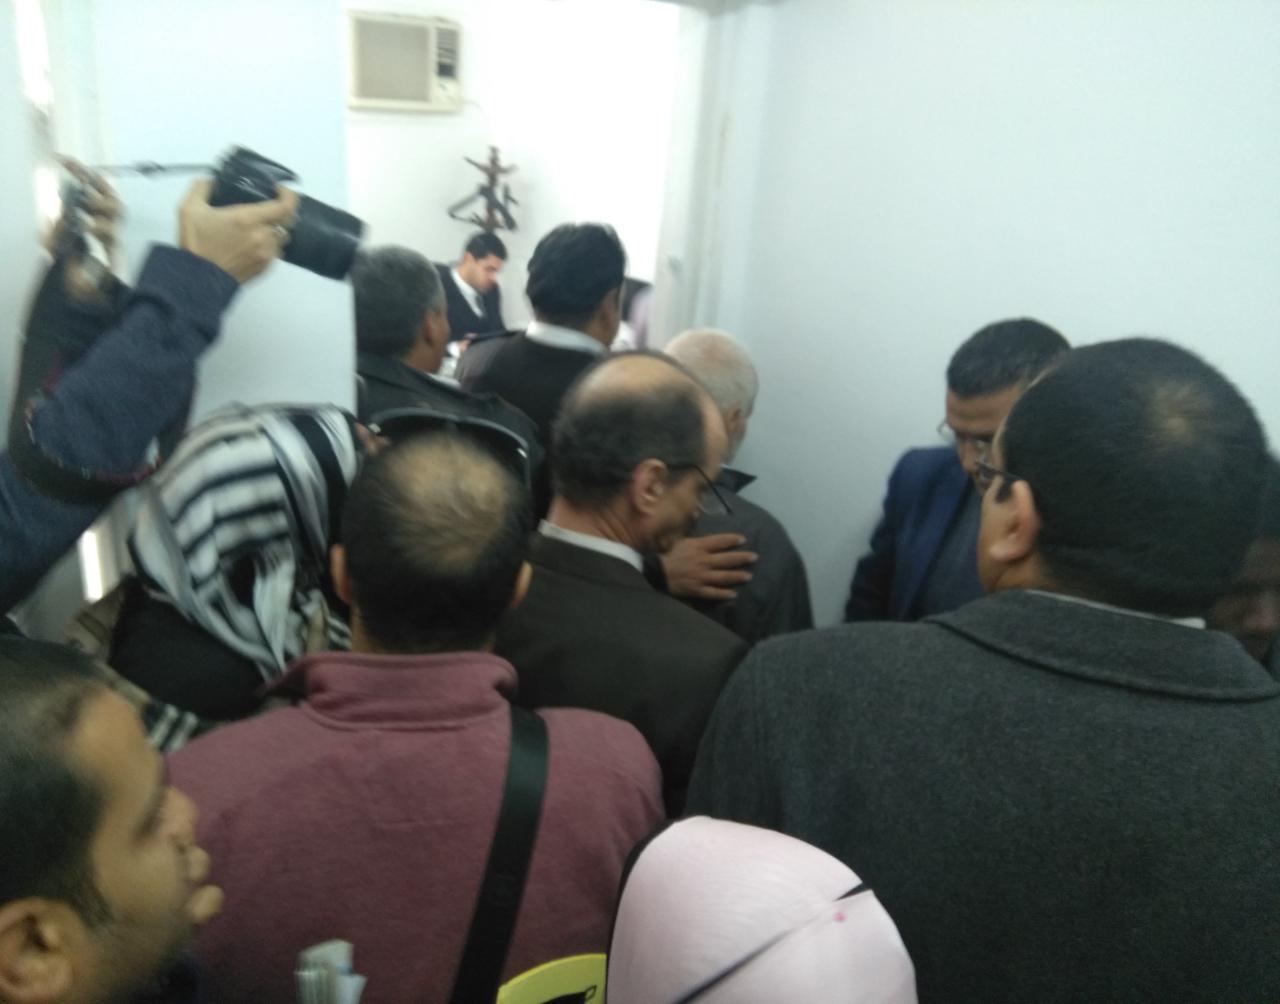 تم تداول الجلسة وسمعت المحكمة لمرافعة دفاع المتهمين والضحية